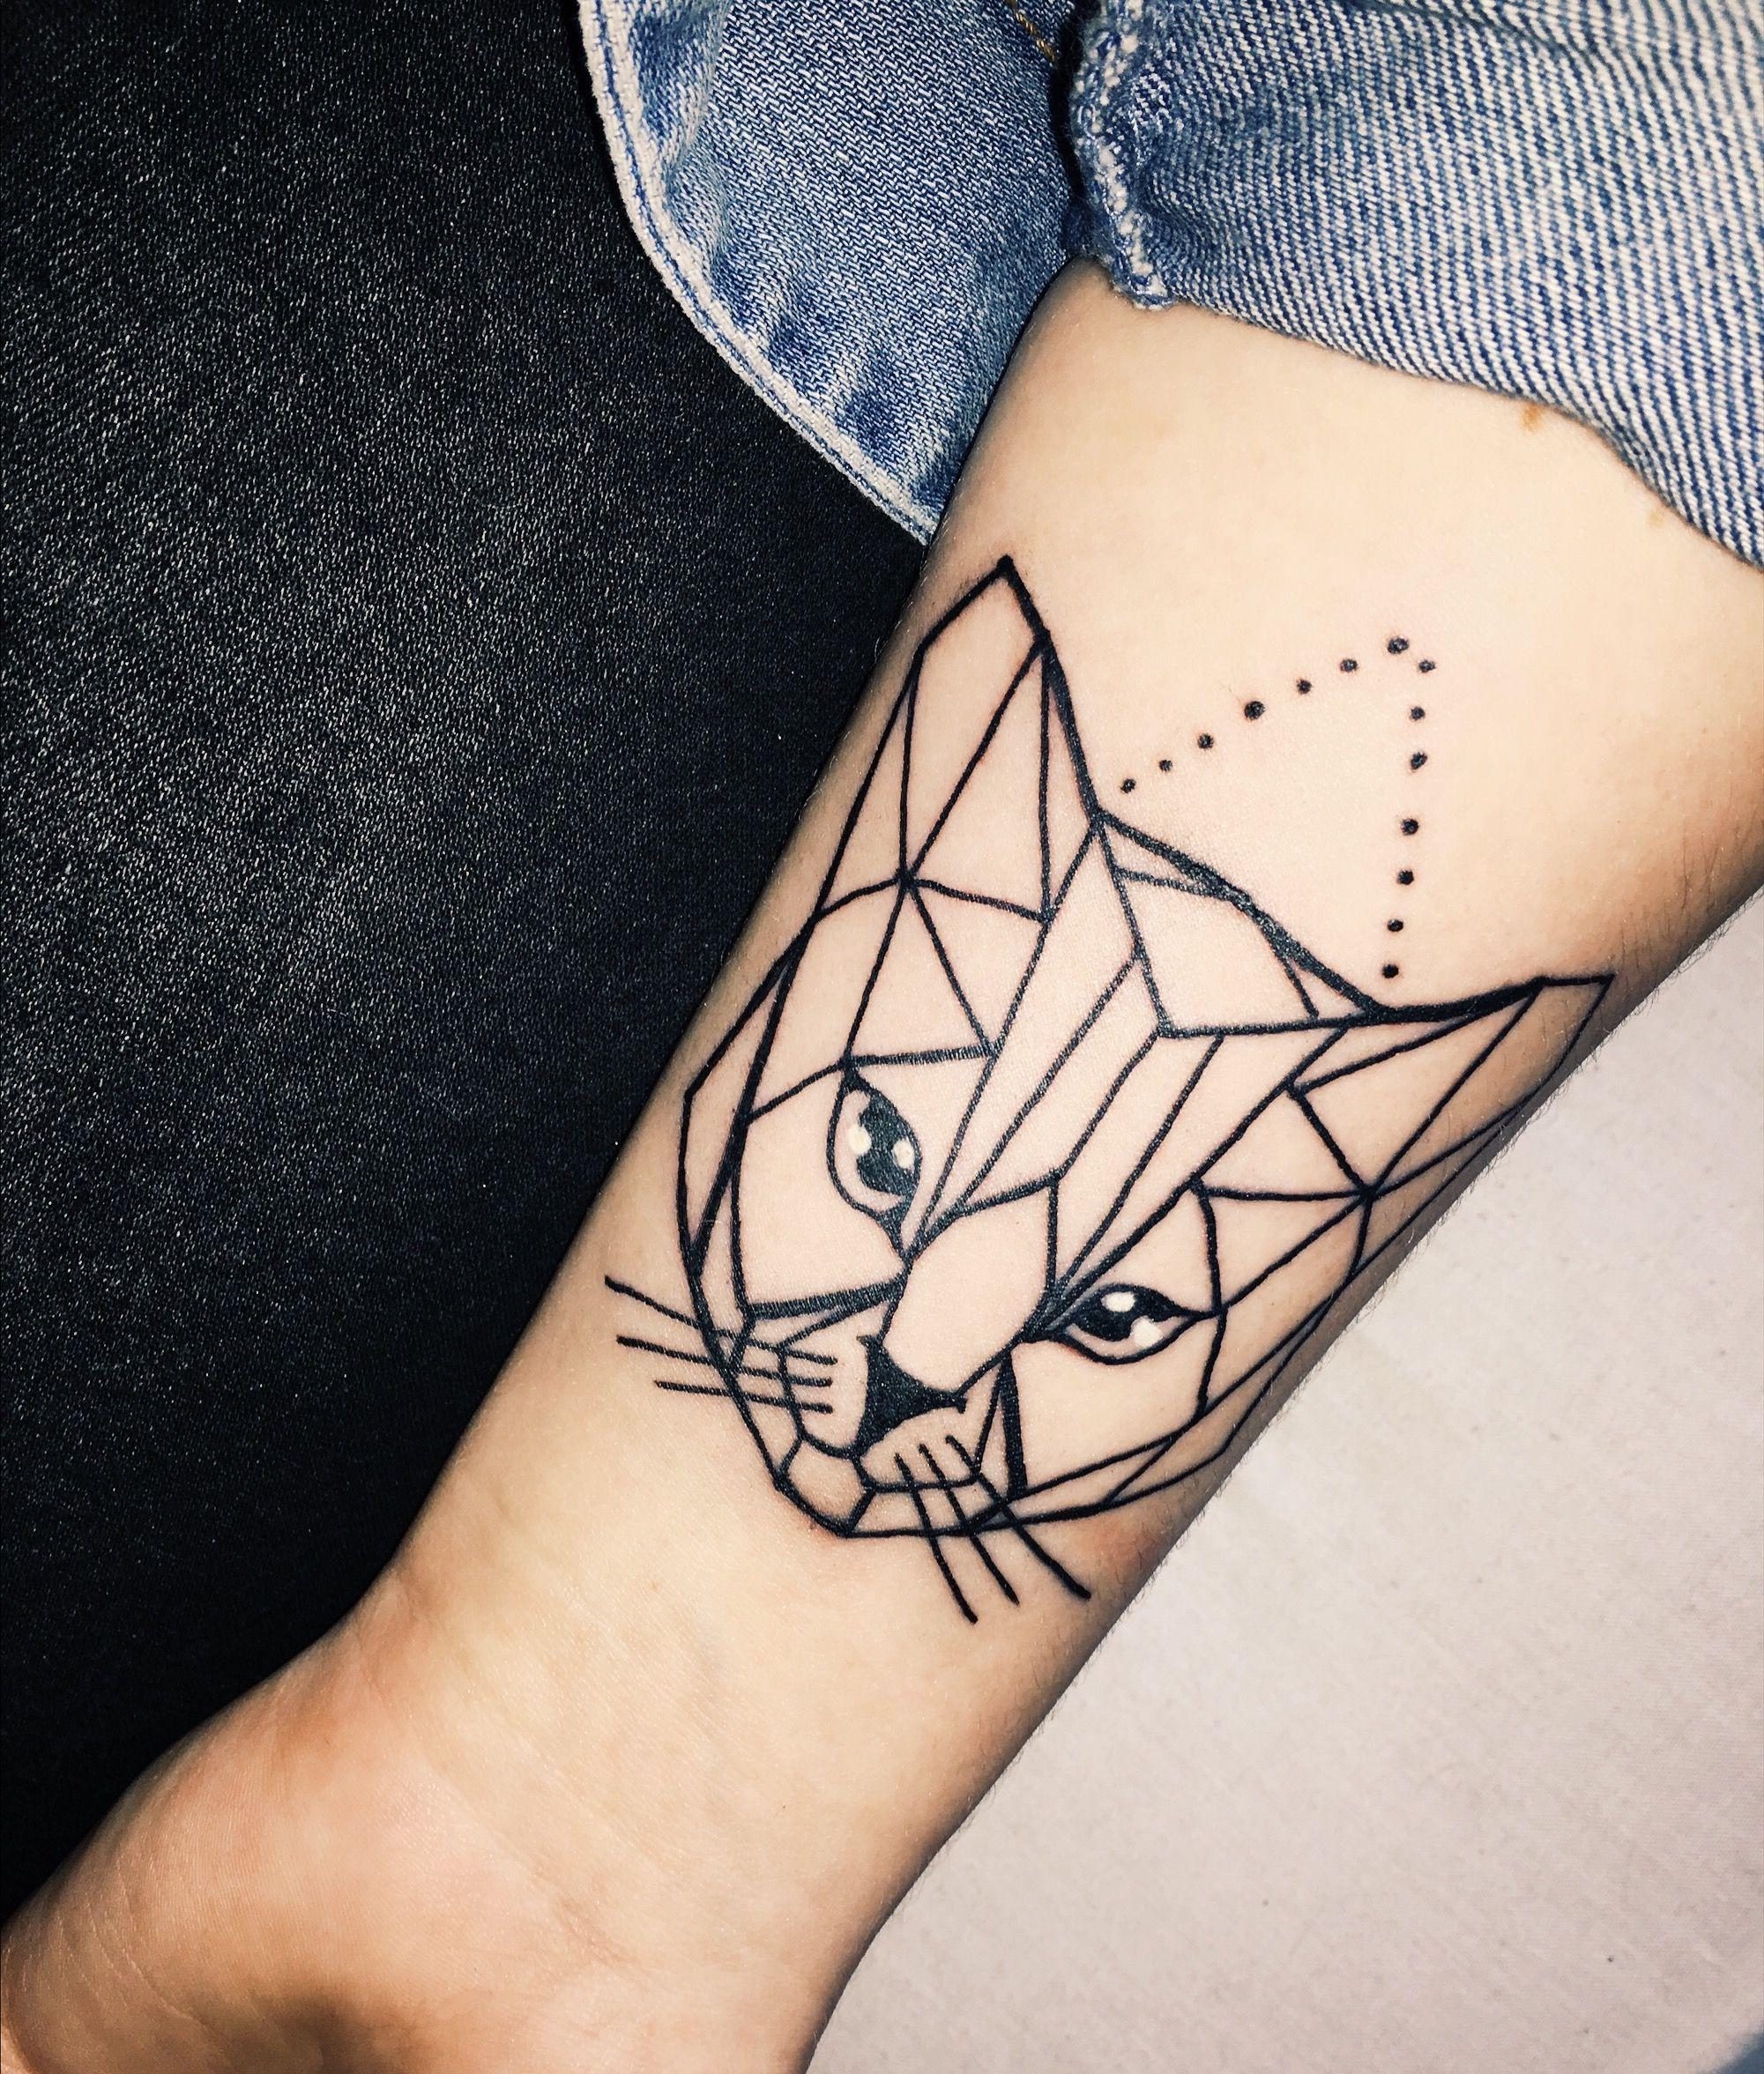 Geometric Cat Tattoo On Forearm Tatouage Origami Tatouage Chat